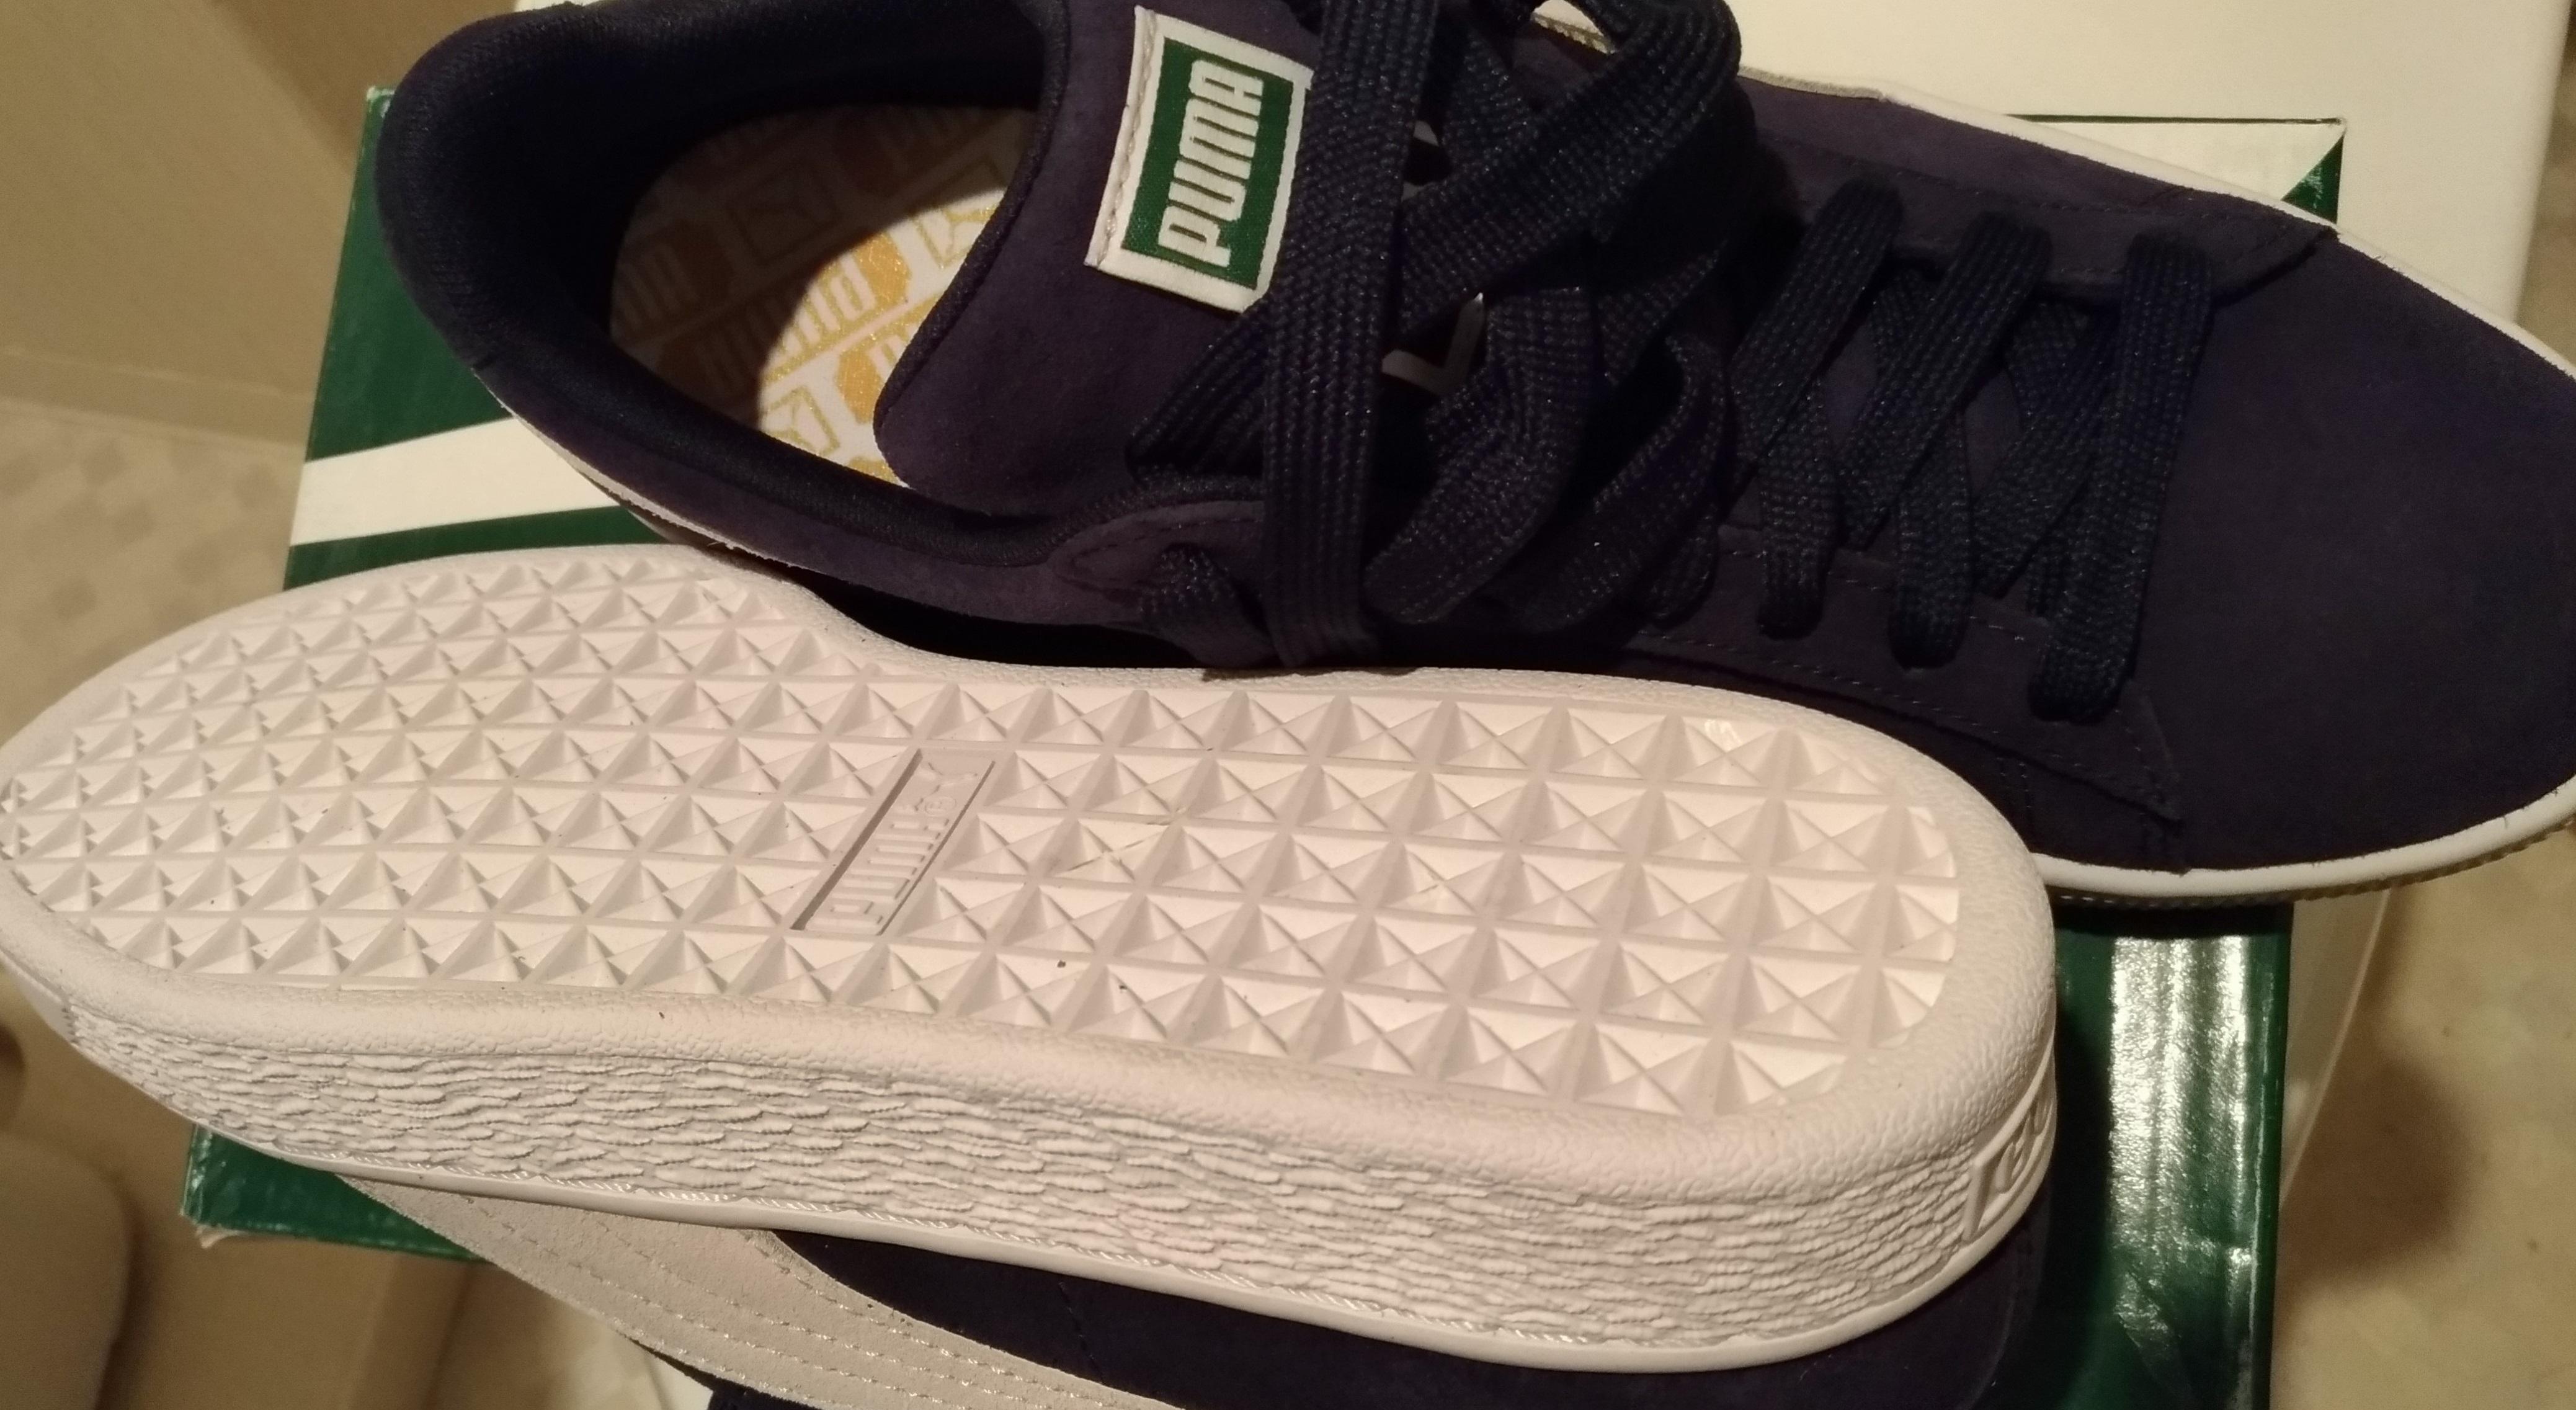 puma_sneakers.jpg